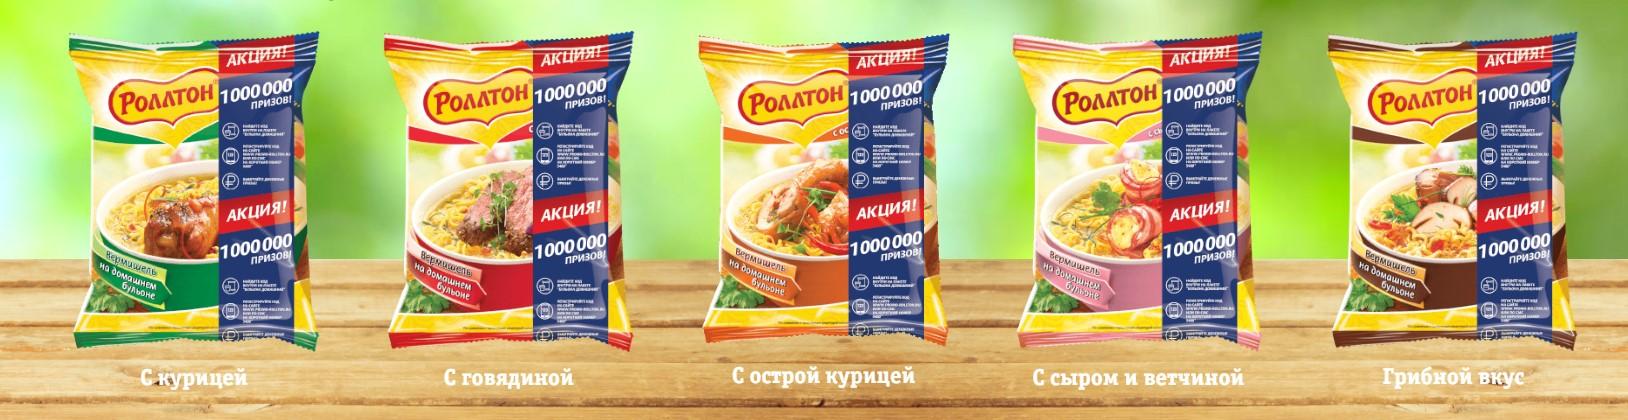 роллтон акция продукты